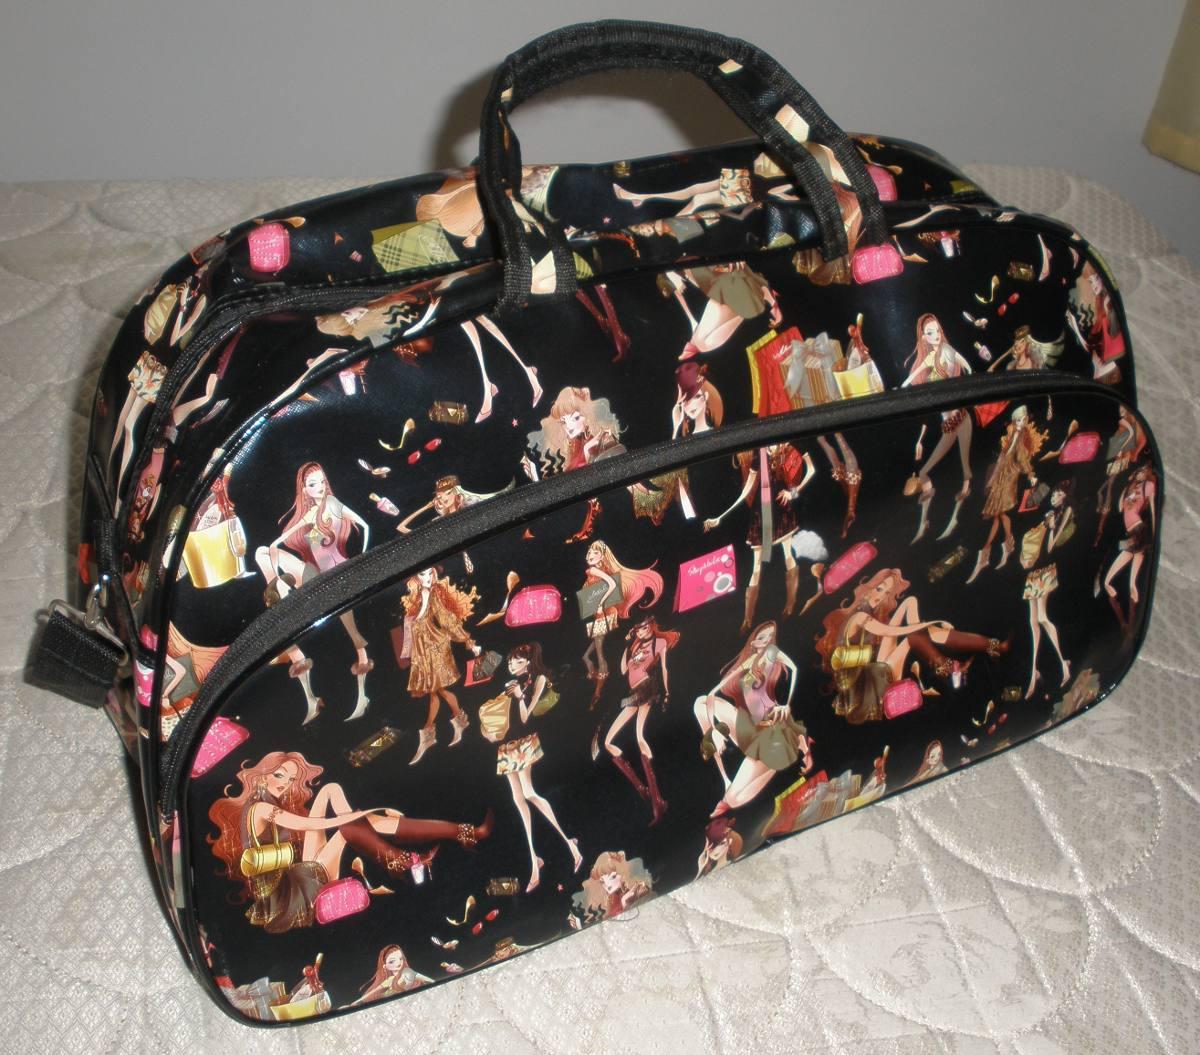 Bolsa De Viagem Feminina Grande : Bolsa sacola viagem feminina grande estampada r